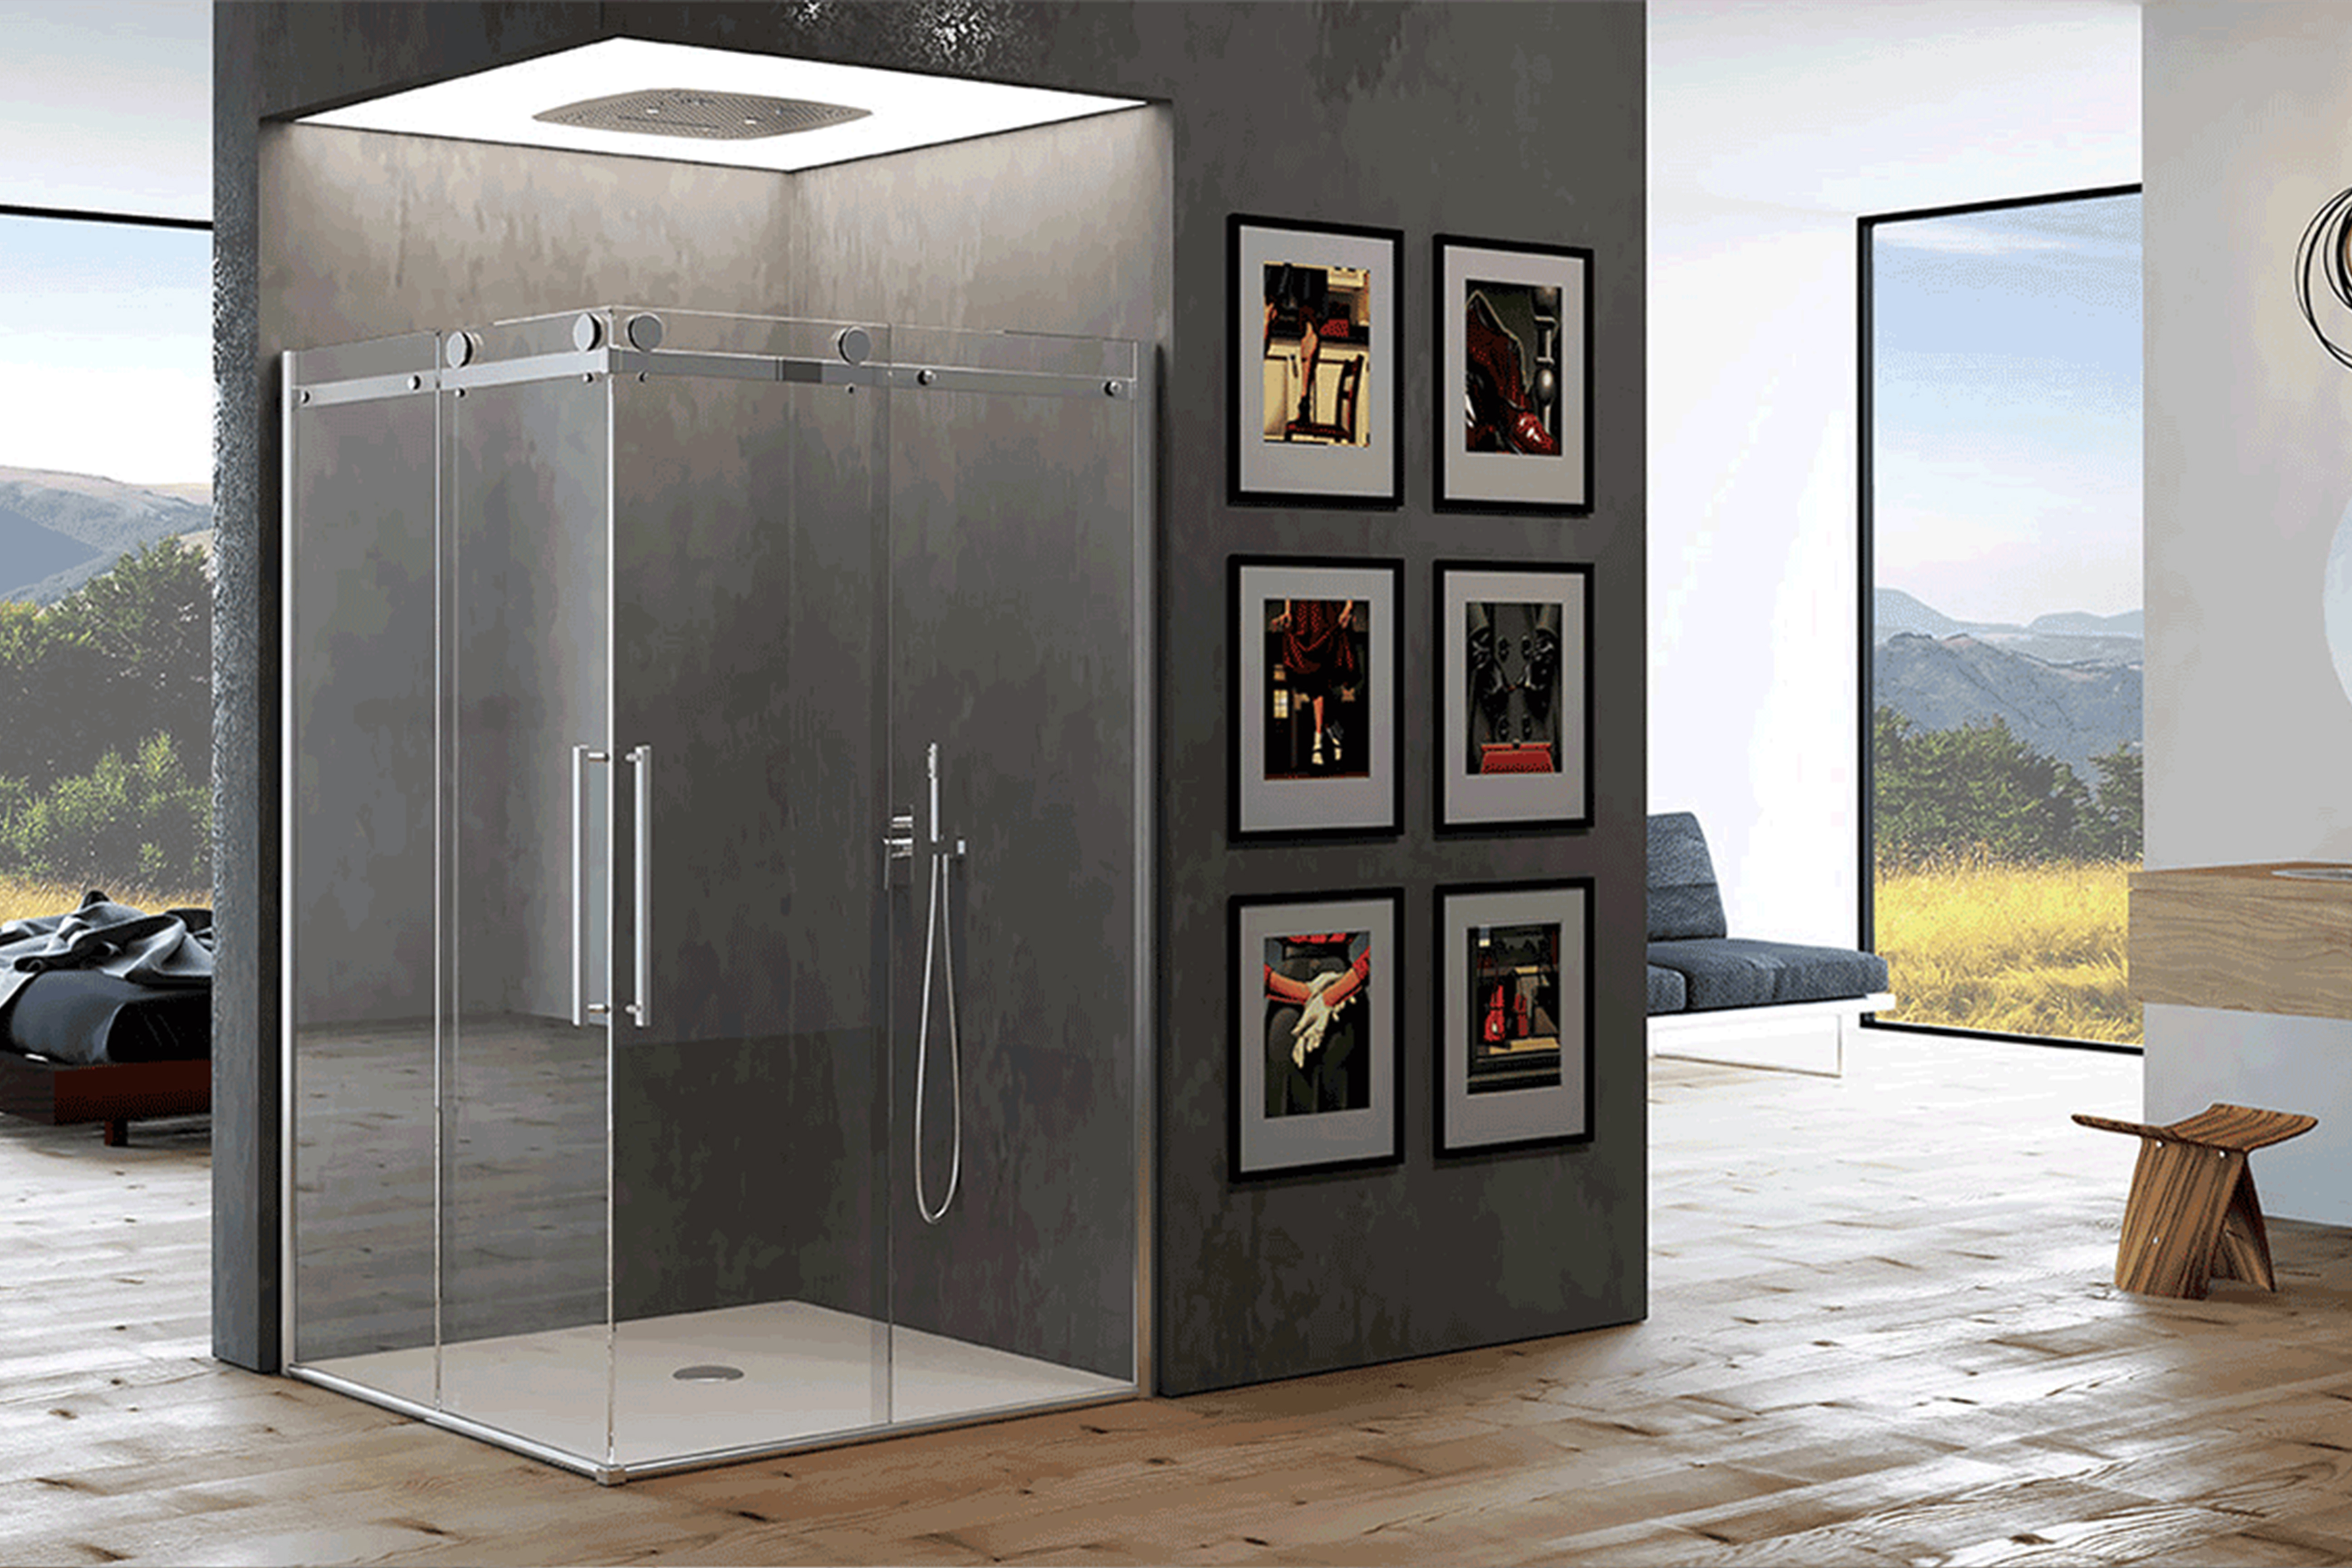 Monterosa ceramiche piastrelle sanitari rubinetterie e - Arredo bagno doccia ...